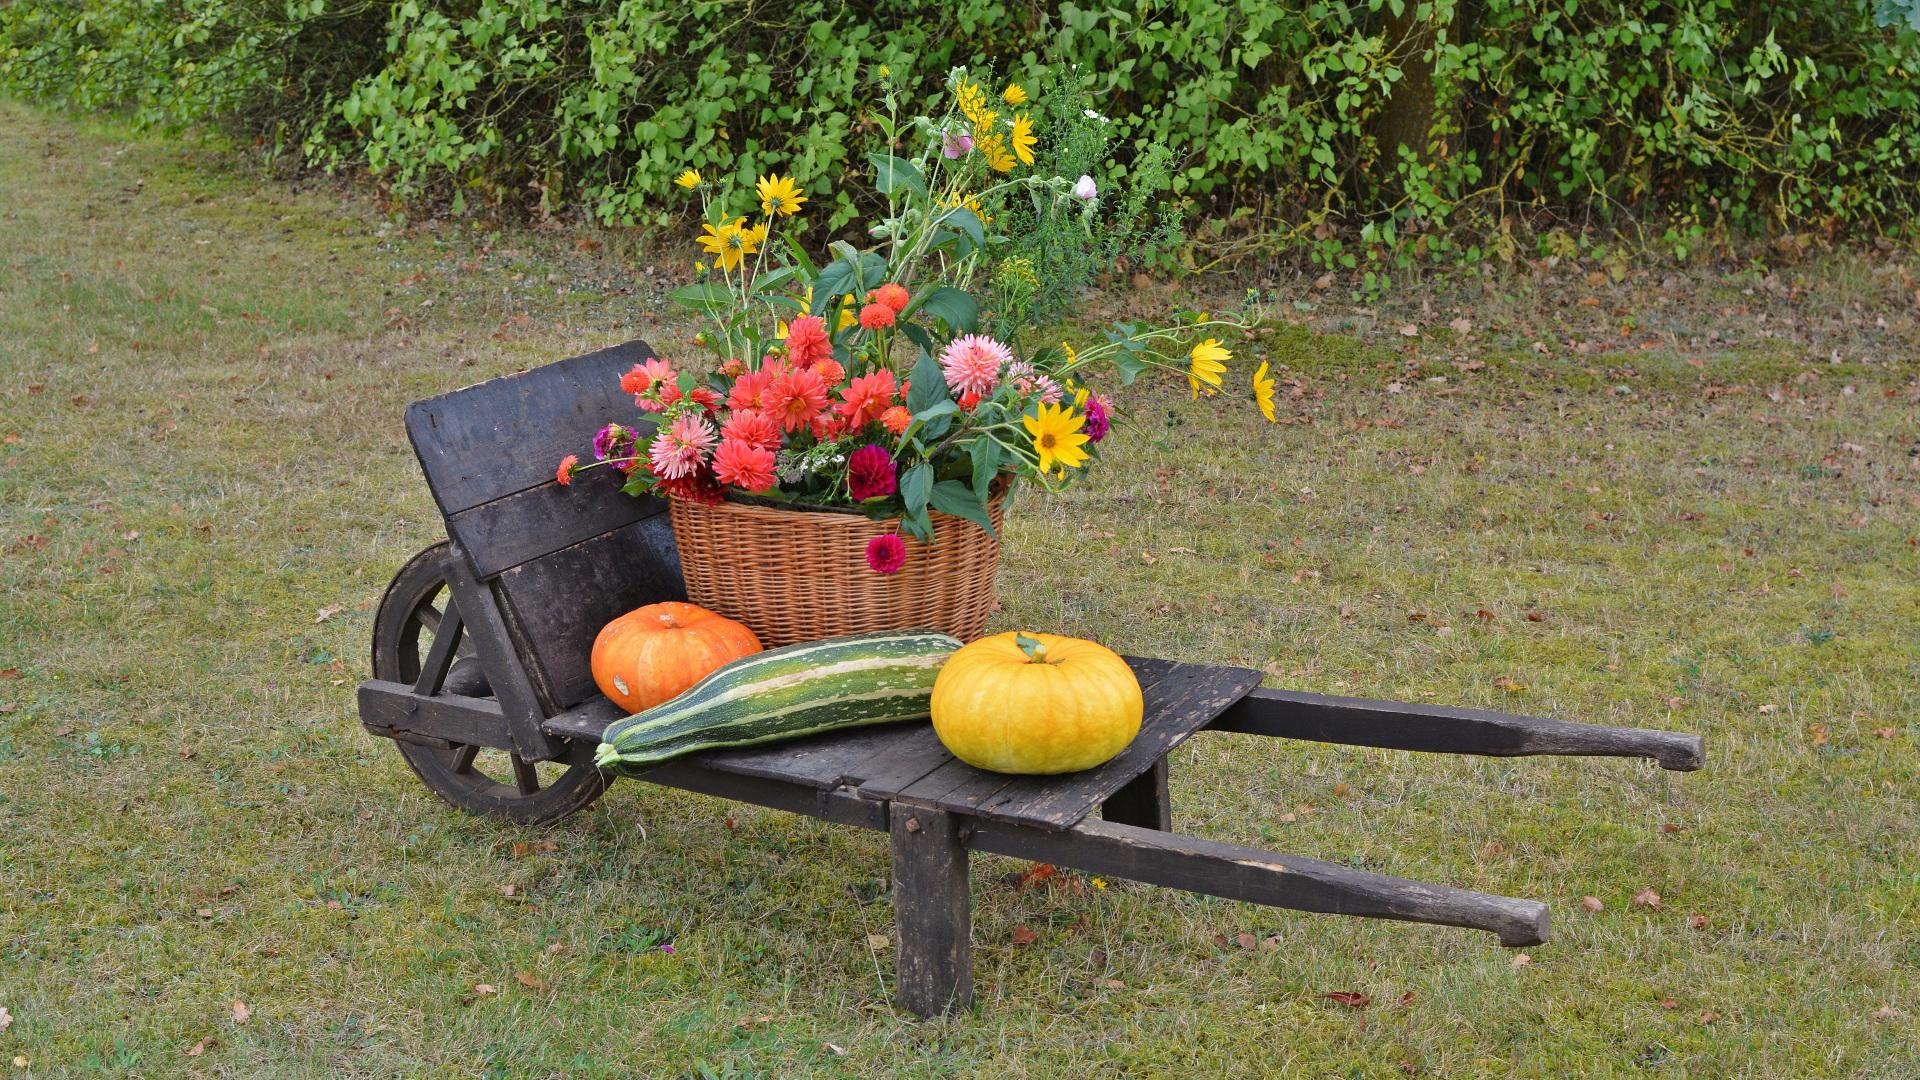 En otoño el jardin tambien necesita cuidados1920